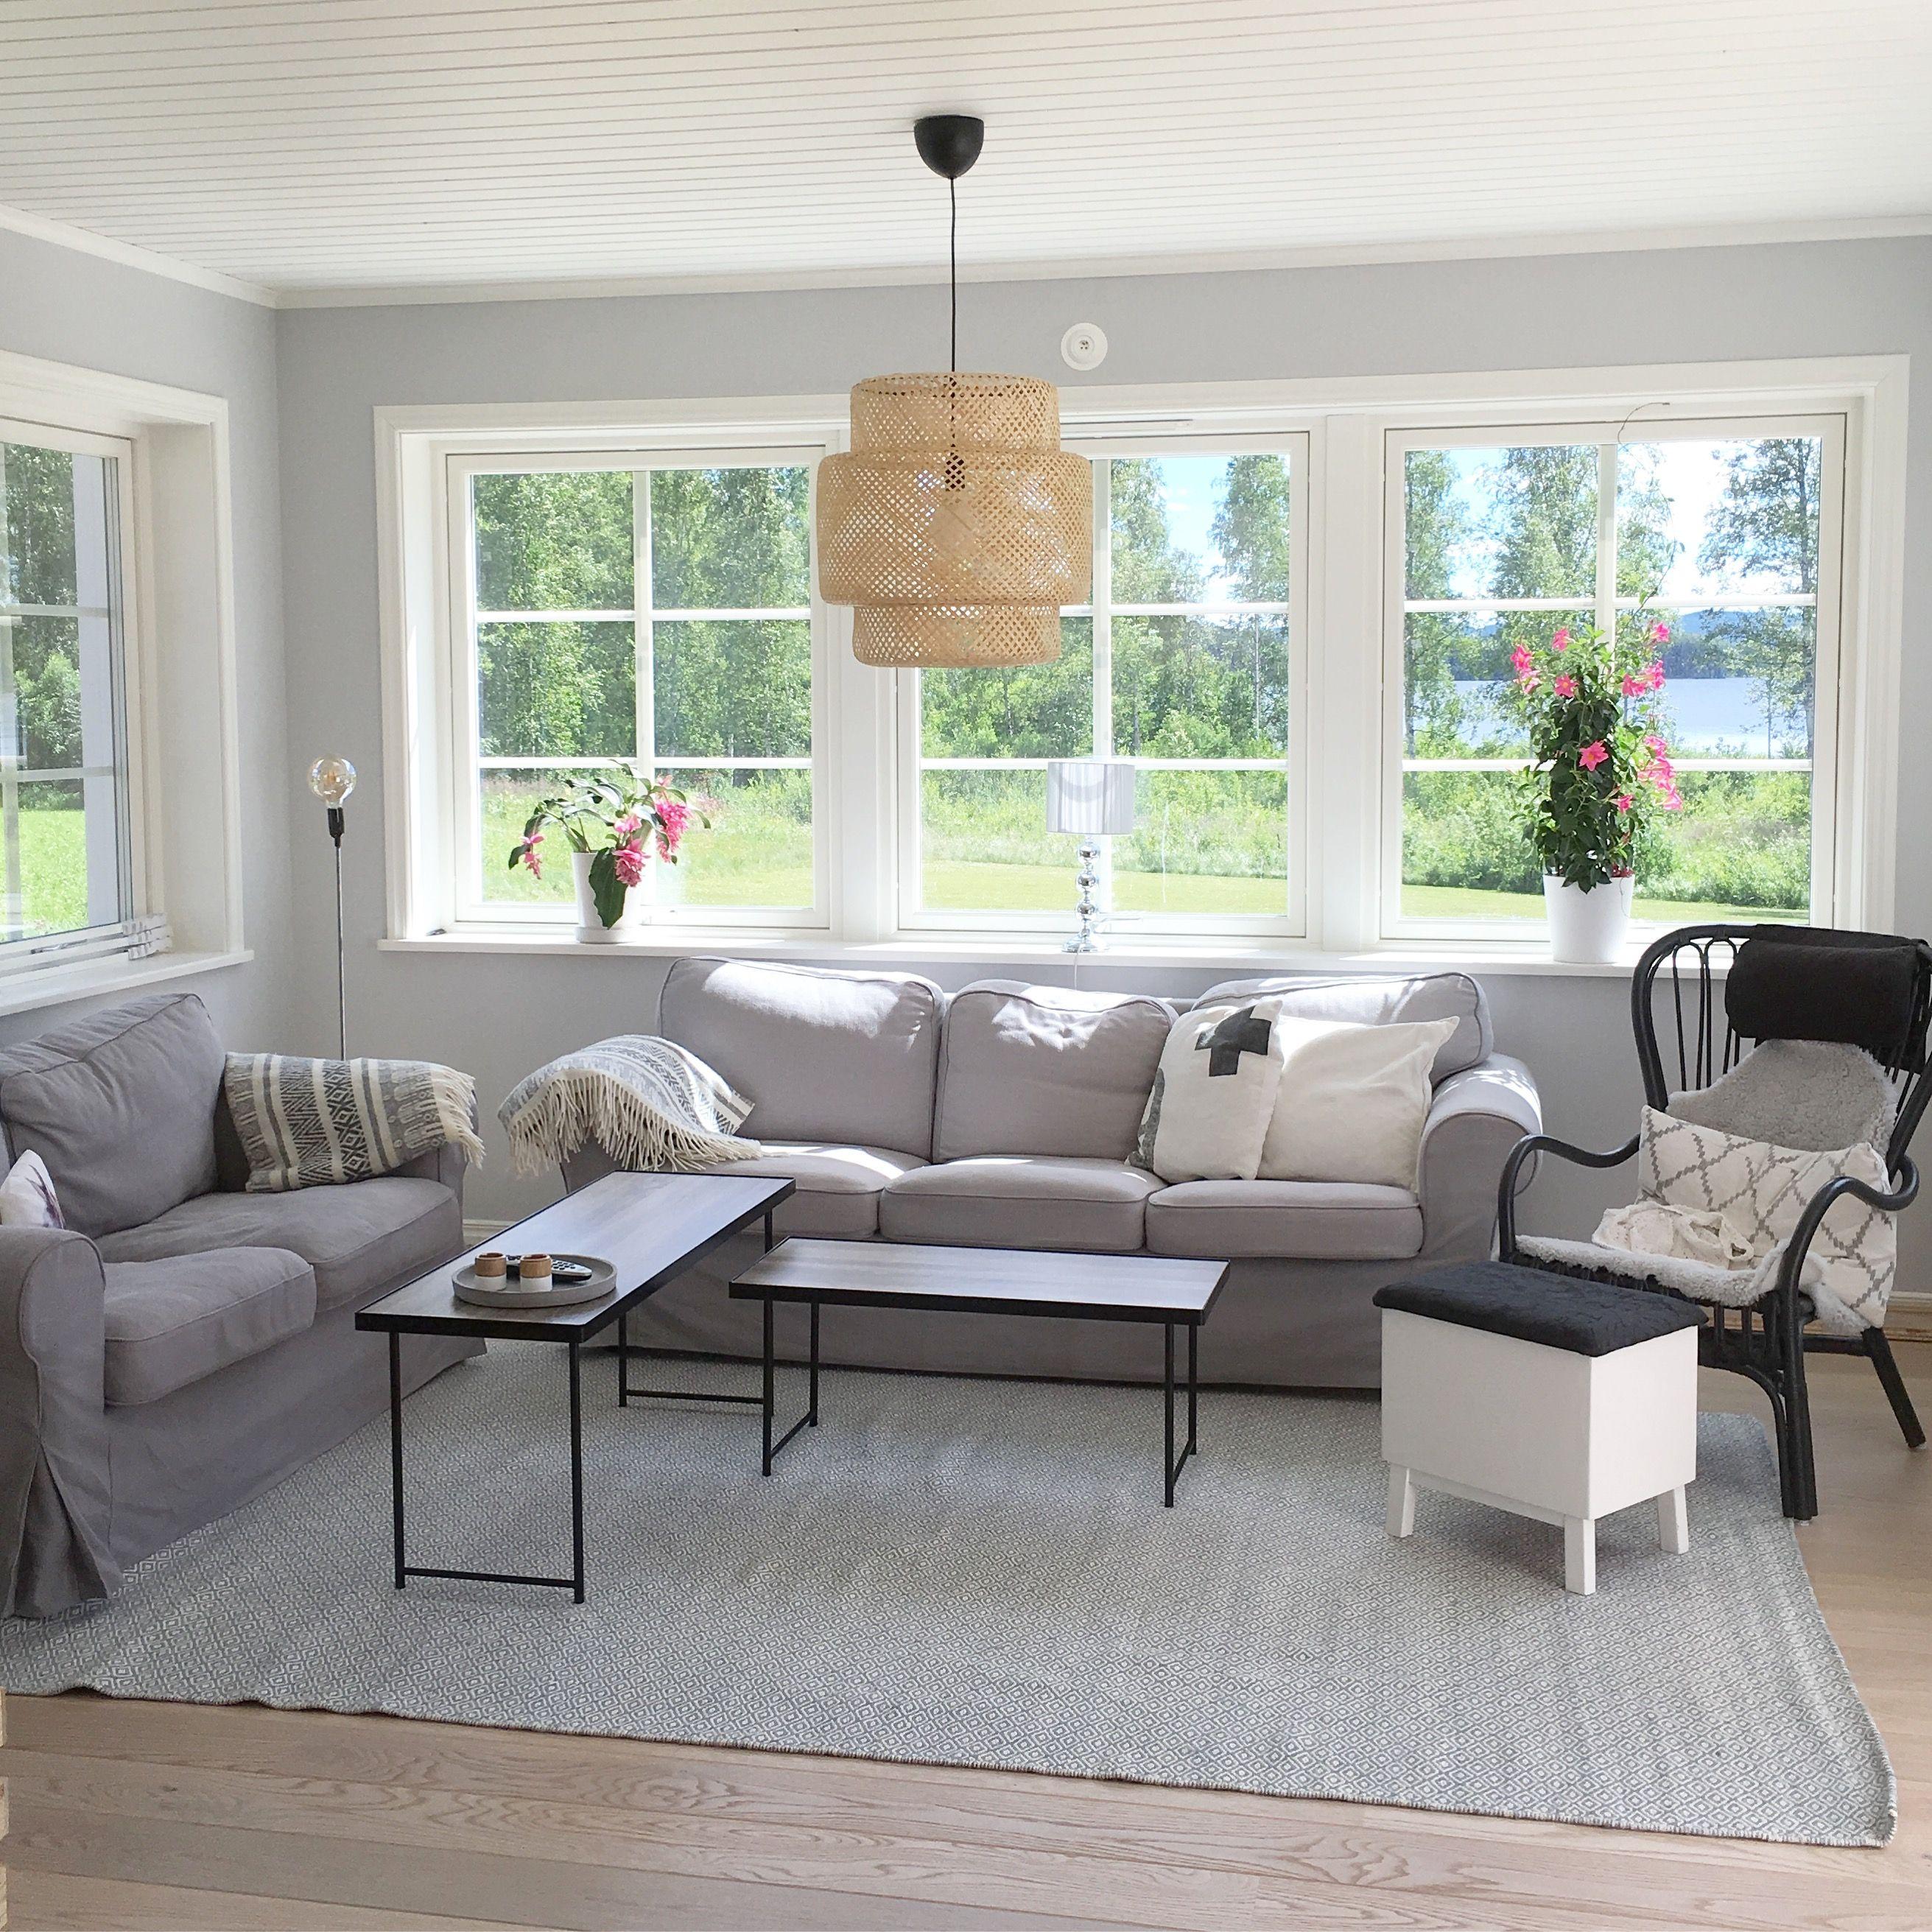 Grått vardagsrum med stora fönsterpartier och taklampa sinnerlig från Ikea